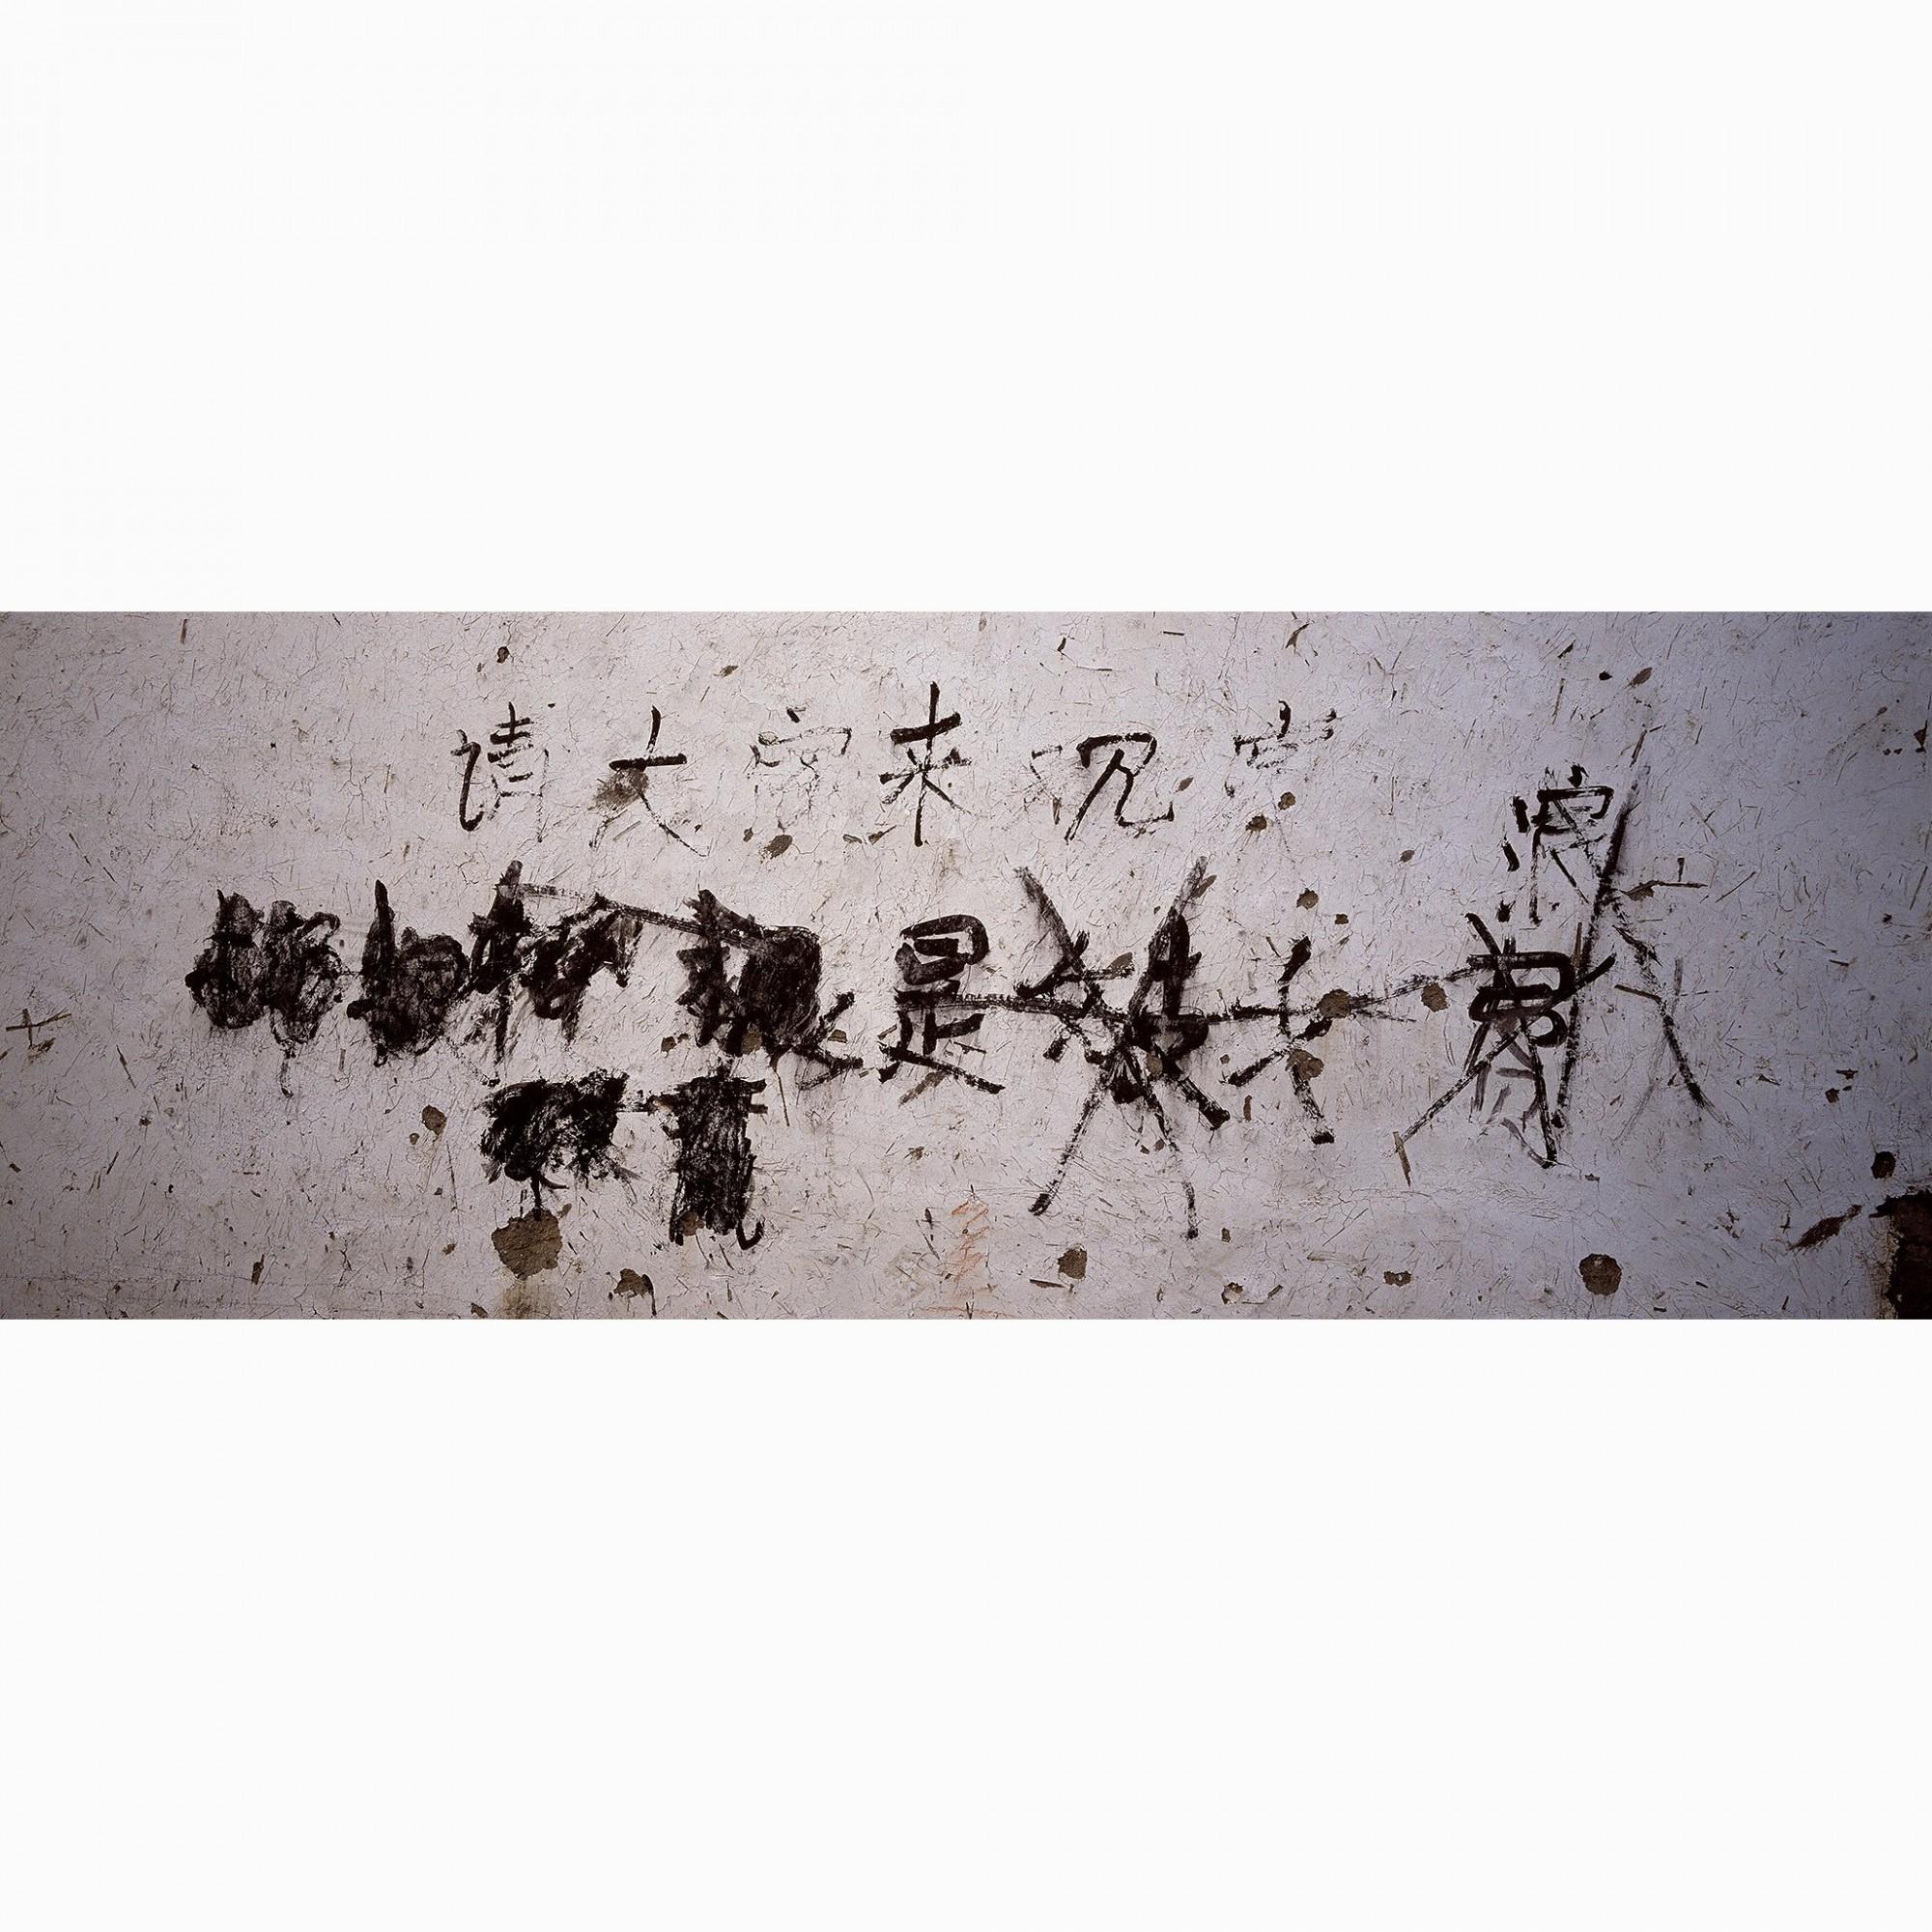 Afbeelding: Fotokunst Dominique Van Huffel, uit de reeks: Muren van geschiedenis. Panoramische opname. China.